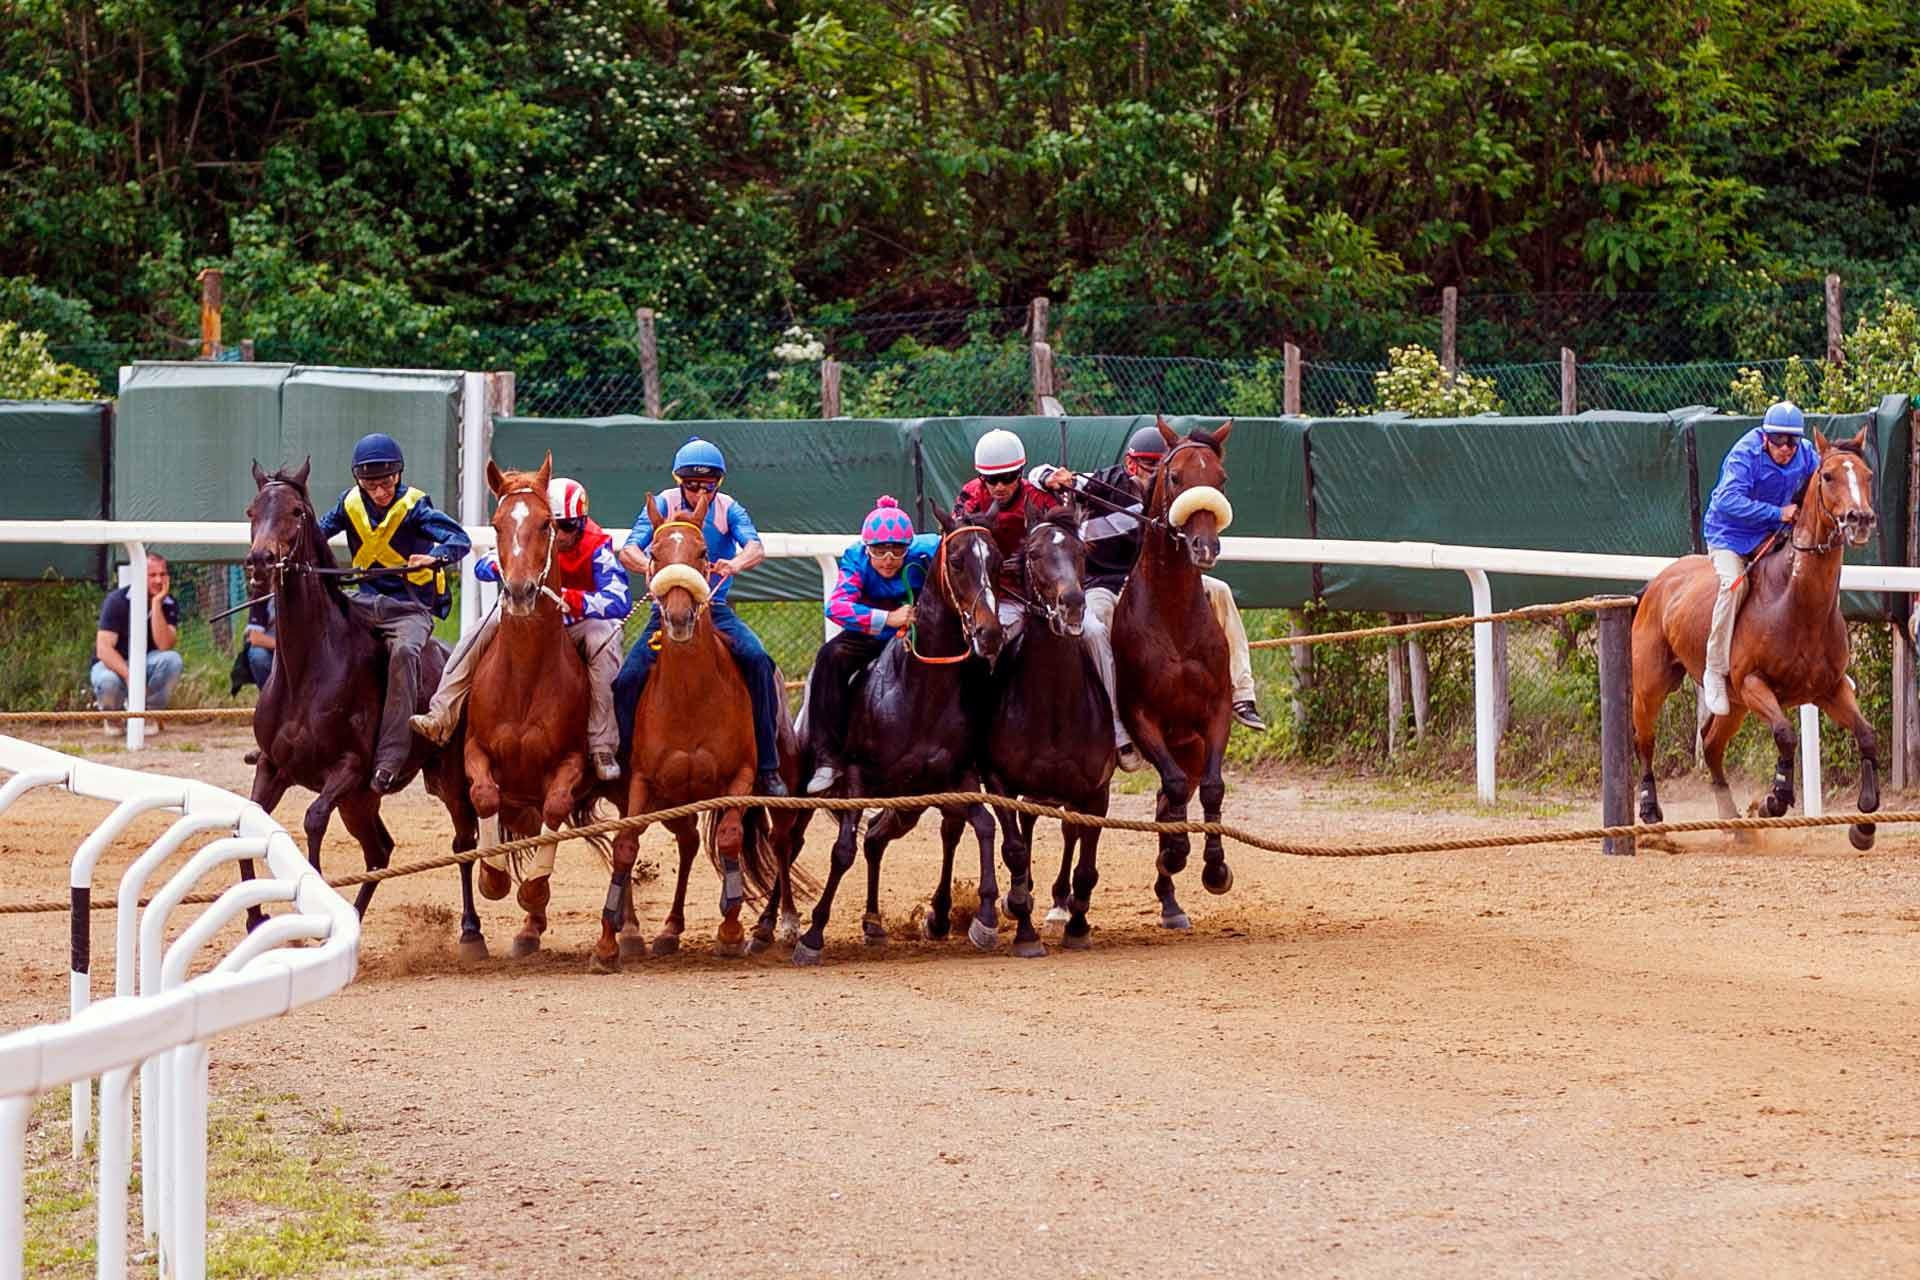 CORSE PROVA D?ADDESTRAMENTO - Viene simulata la corsa che si svolger? a Siena il giorno del Palio. Si testa il comportamento dei cavalli tra i canapi, insieme agli altri cavalli, nelle fasi che precedono la partenza.